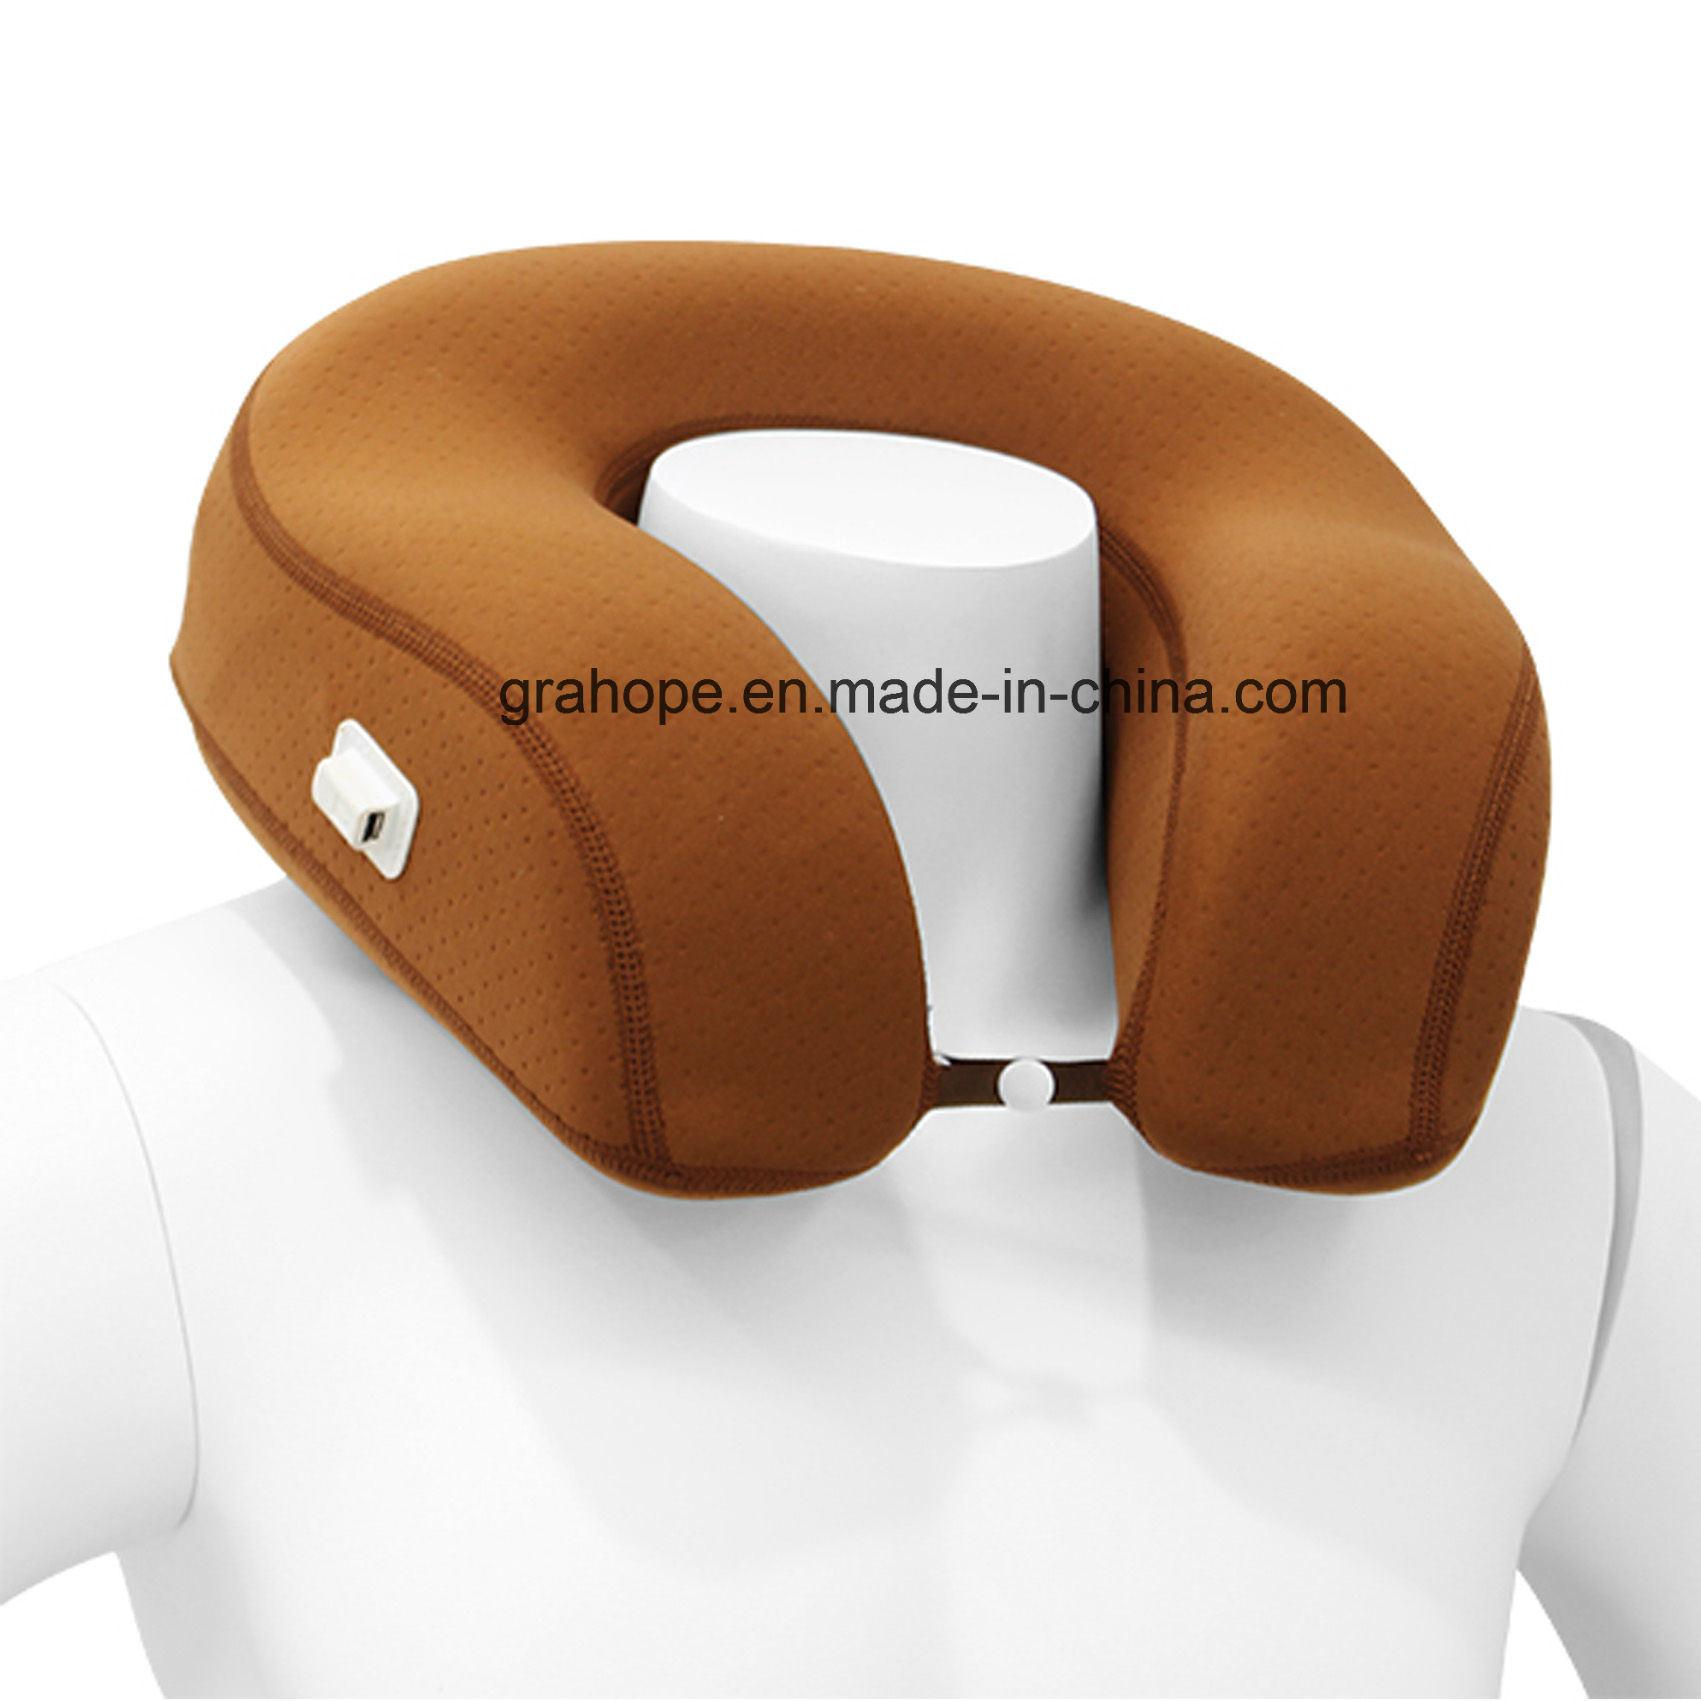 Graphene Far Infrared Heating Neck Support